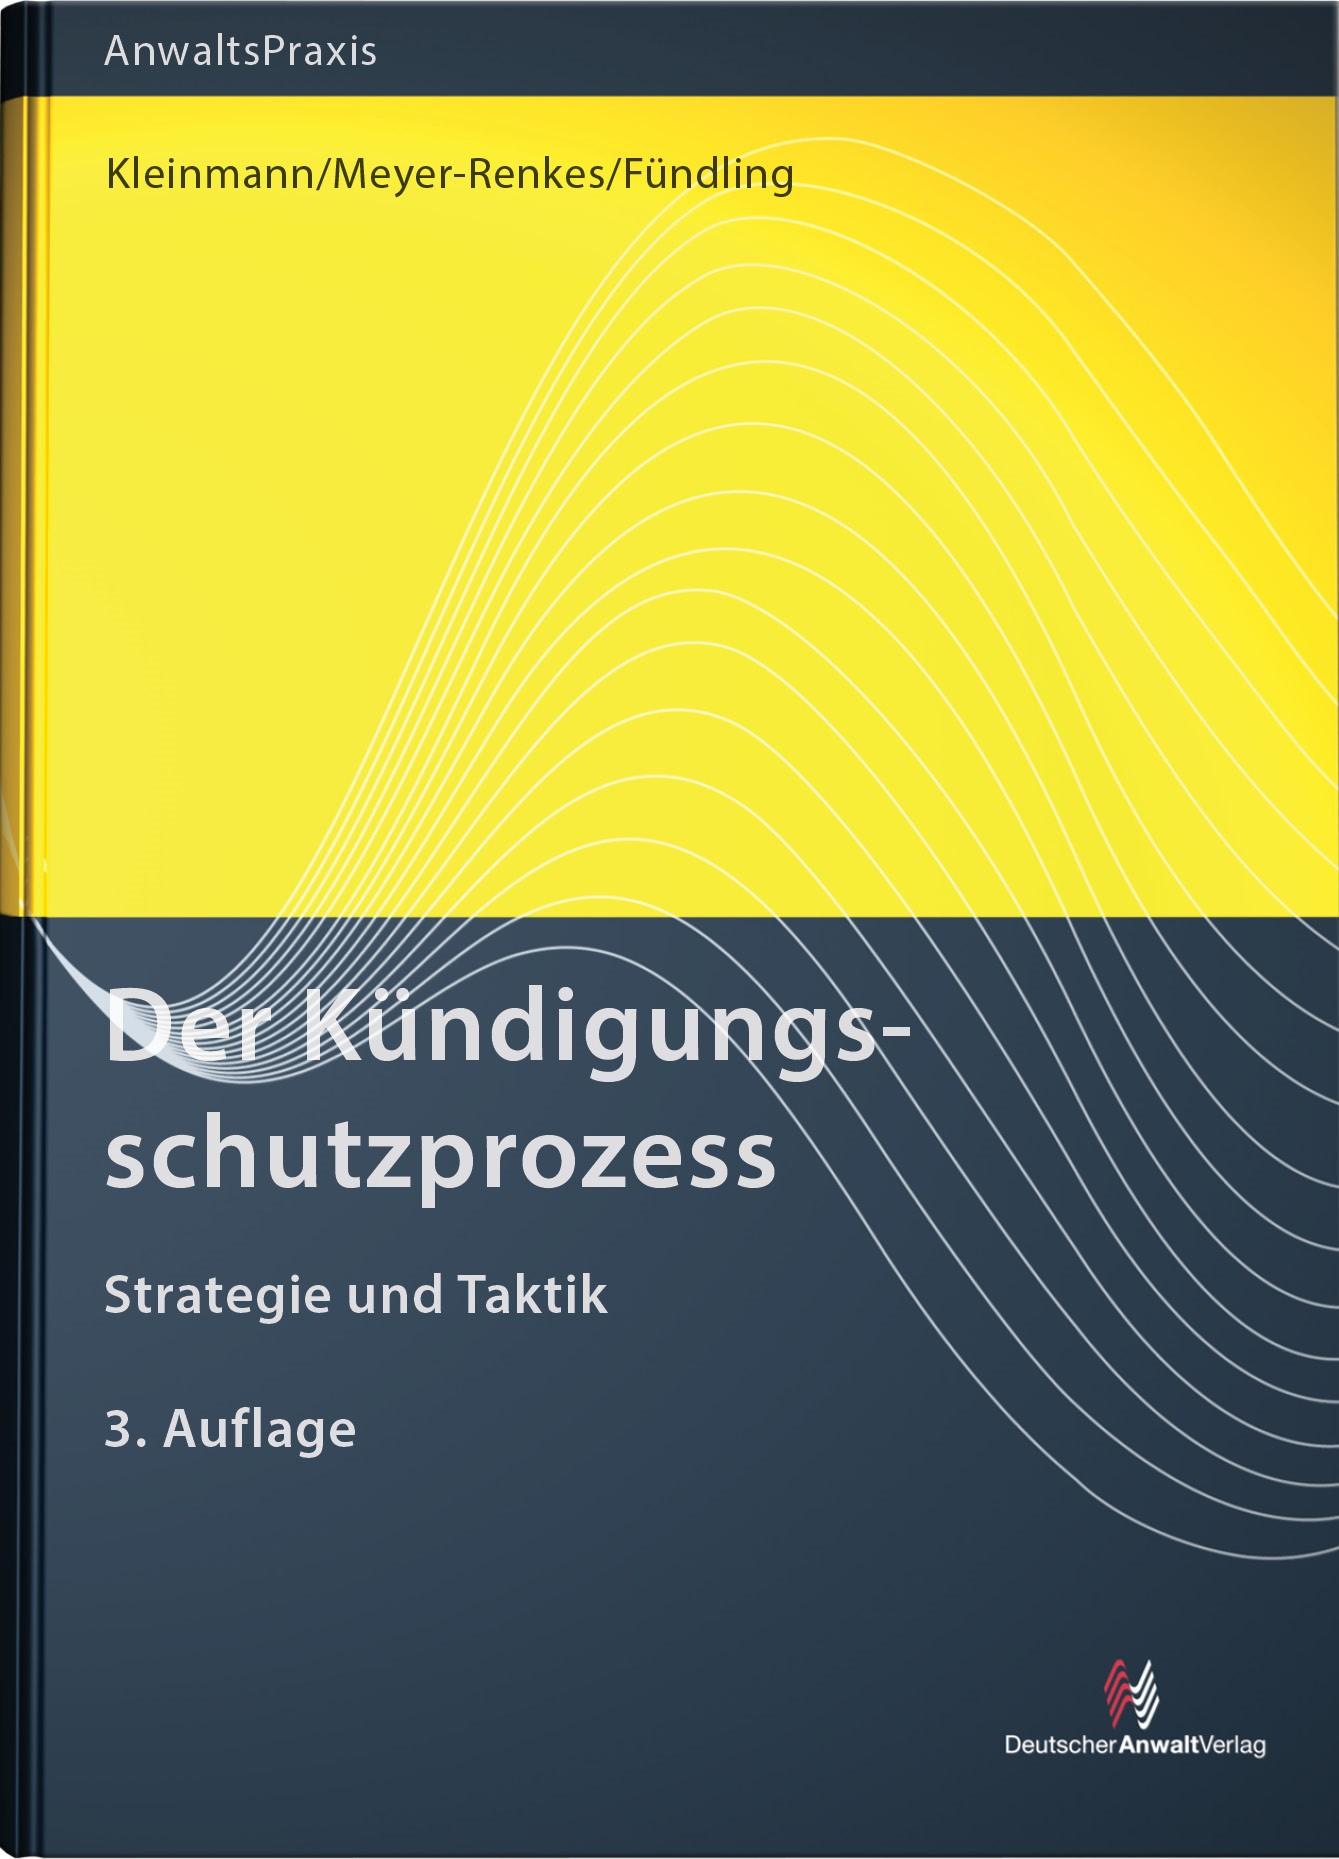 Der Kündigungsschutzprozess   Kleinmann / Meyer-Renkes / Fündling, 2017   Buch (Cover)